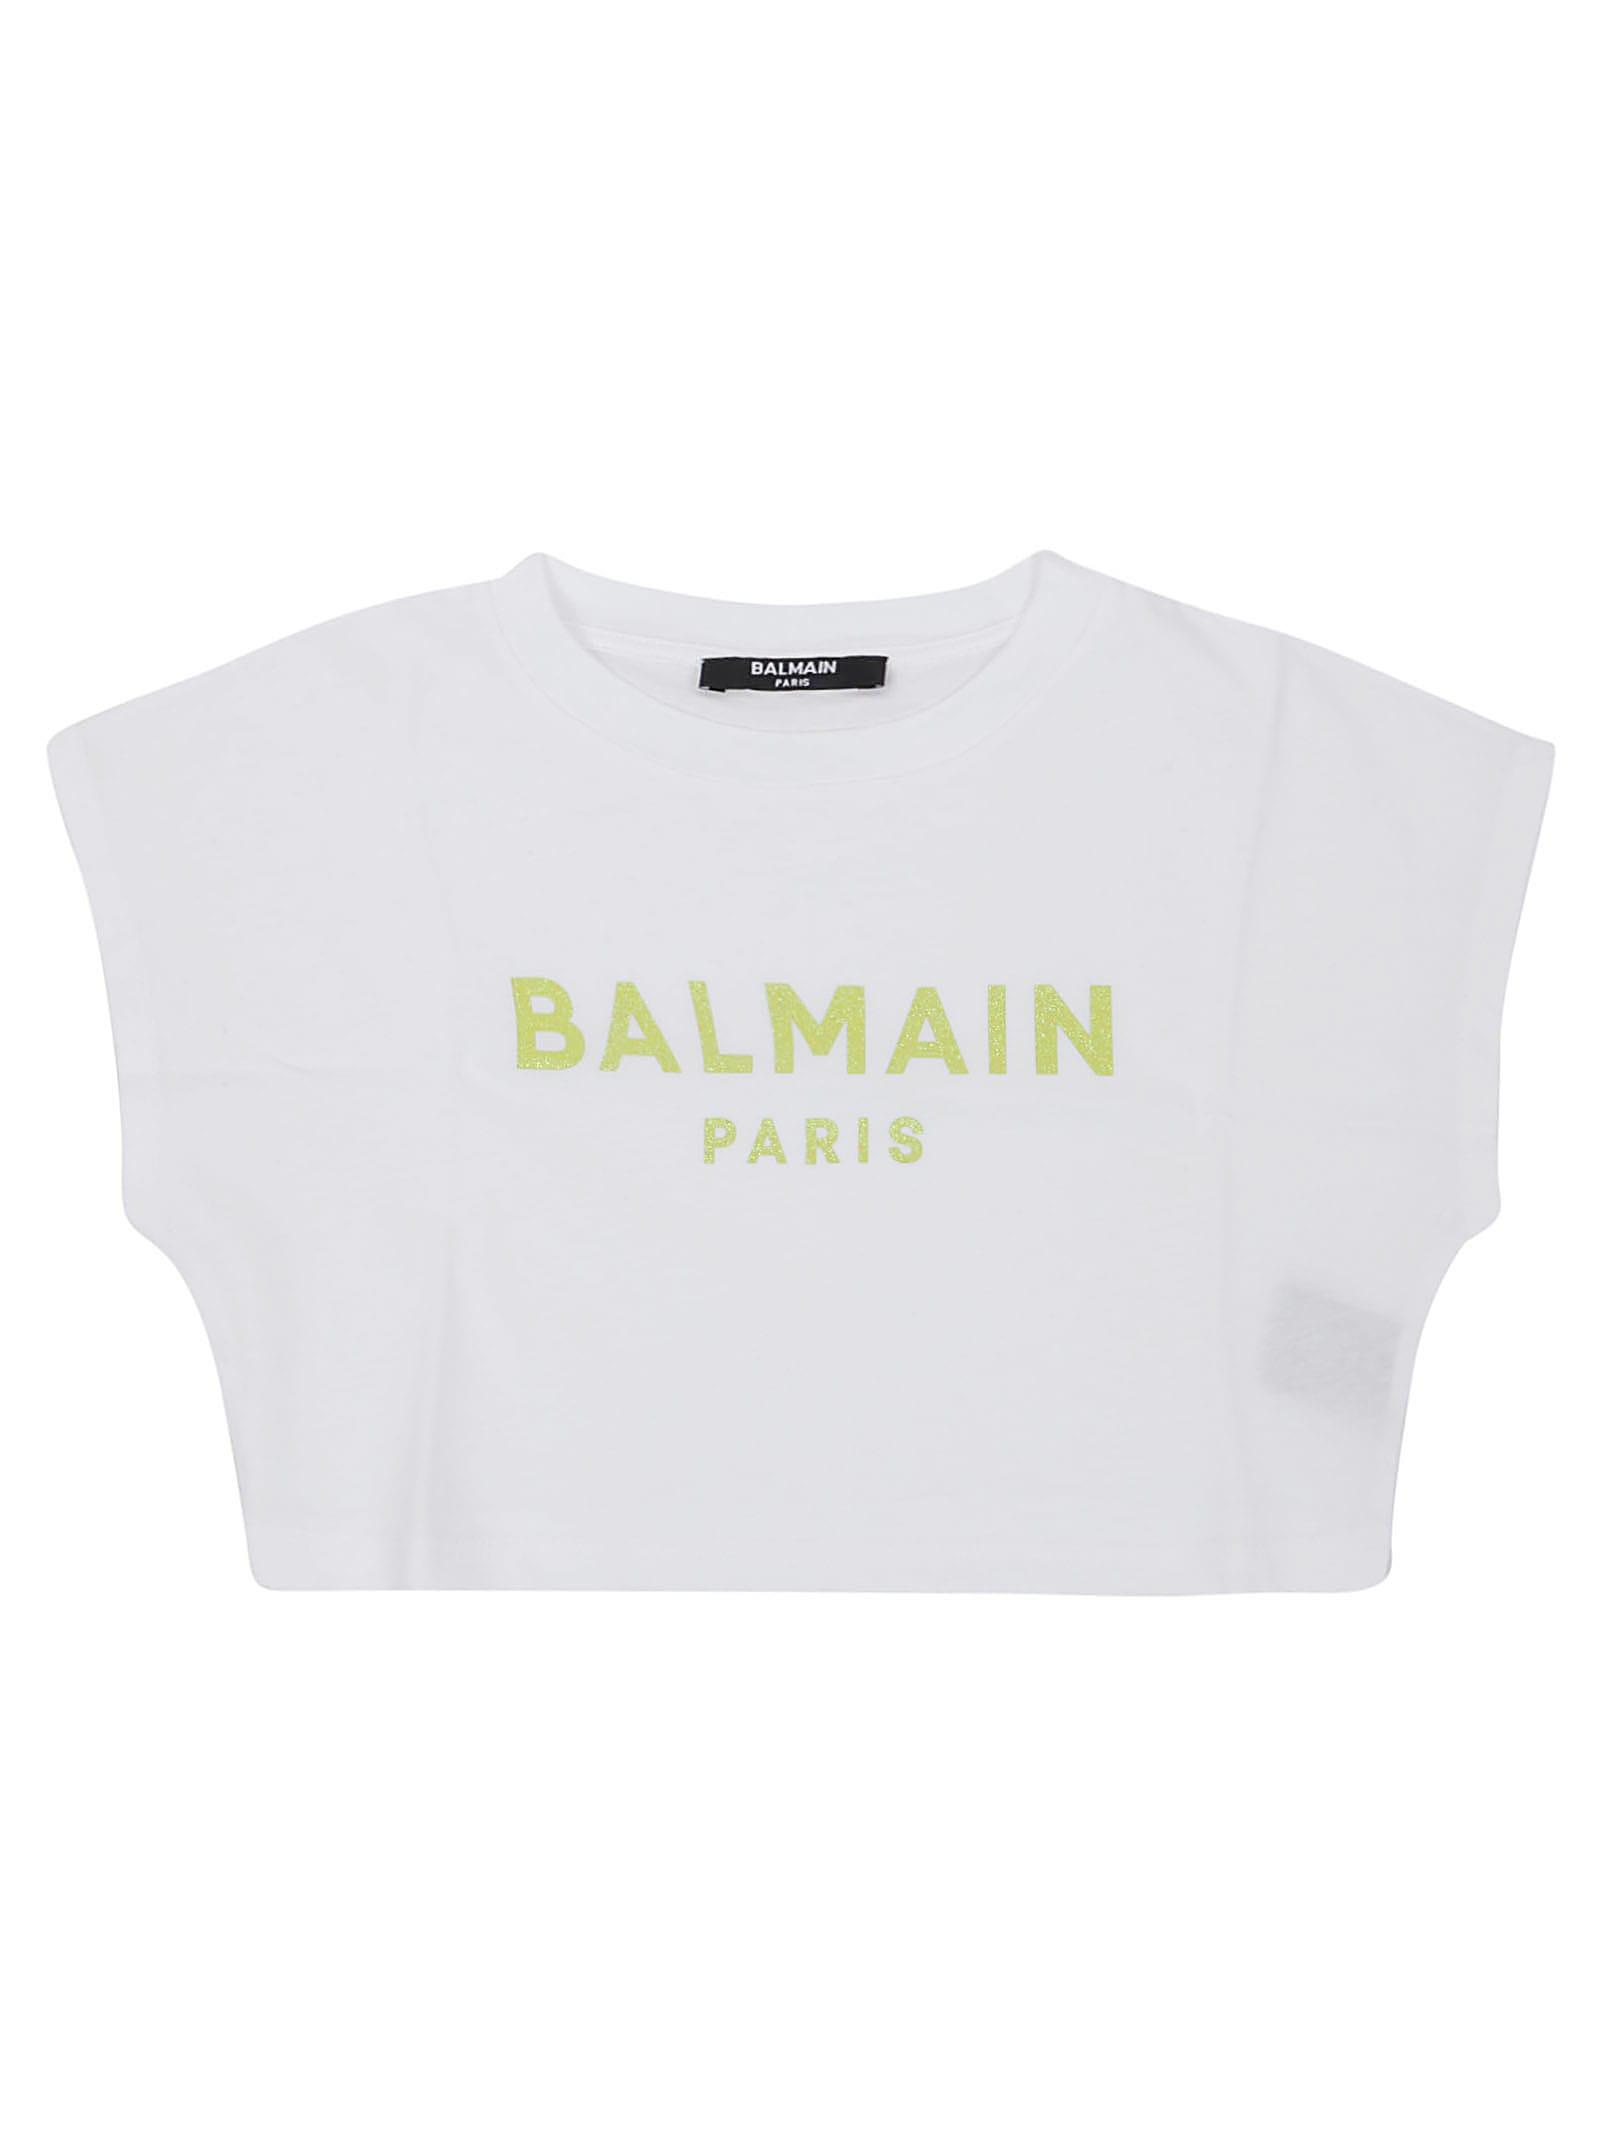 Balmain Kids' T-shirt In Bianco